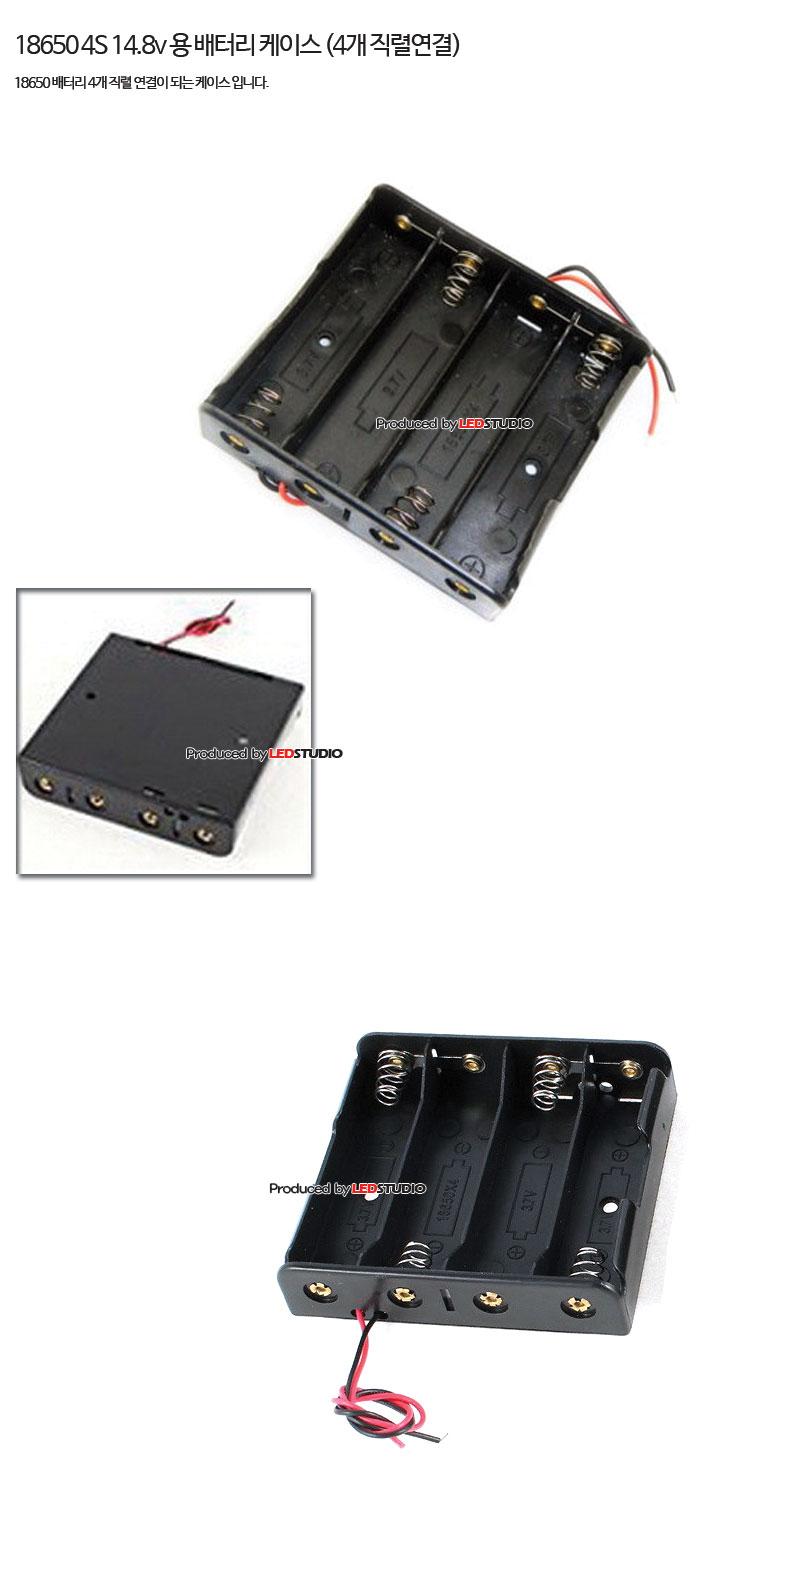 18650 리튬이온 배터리 팩 DIY용 직렬 4P 홀더 케이스  (배선타입 / 14.8v~ 용)